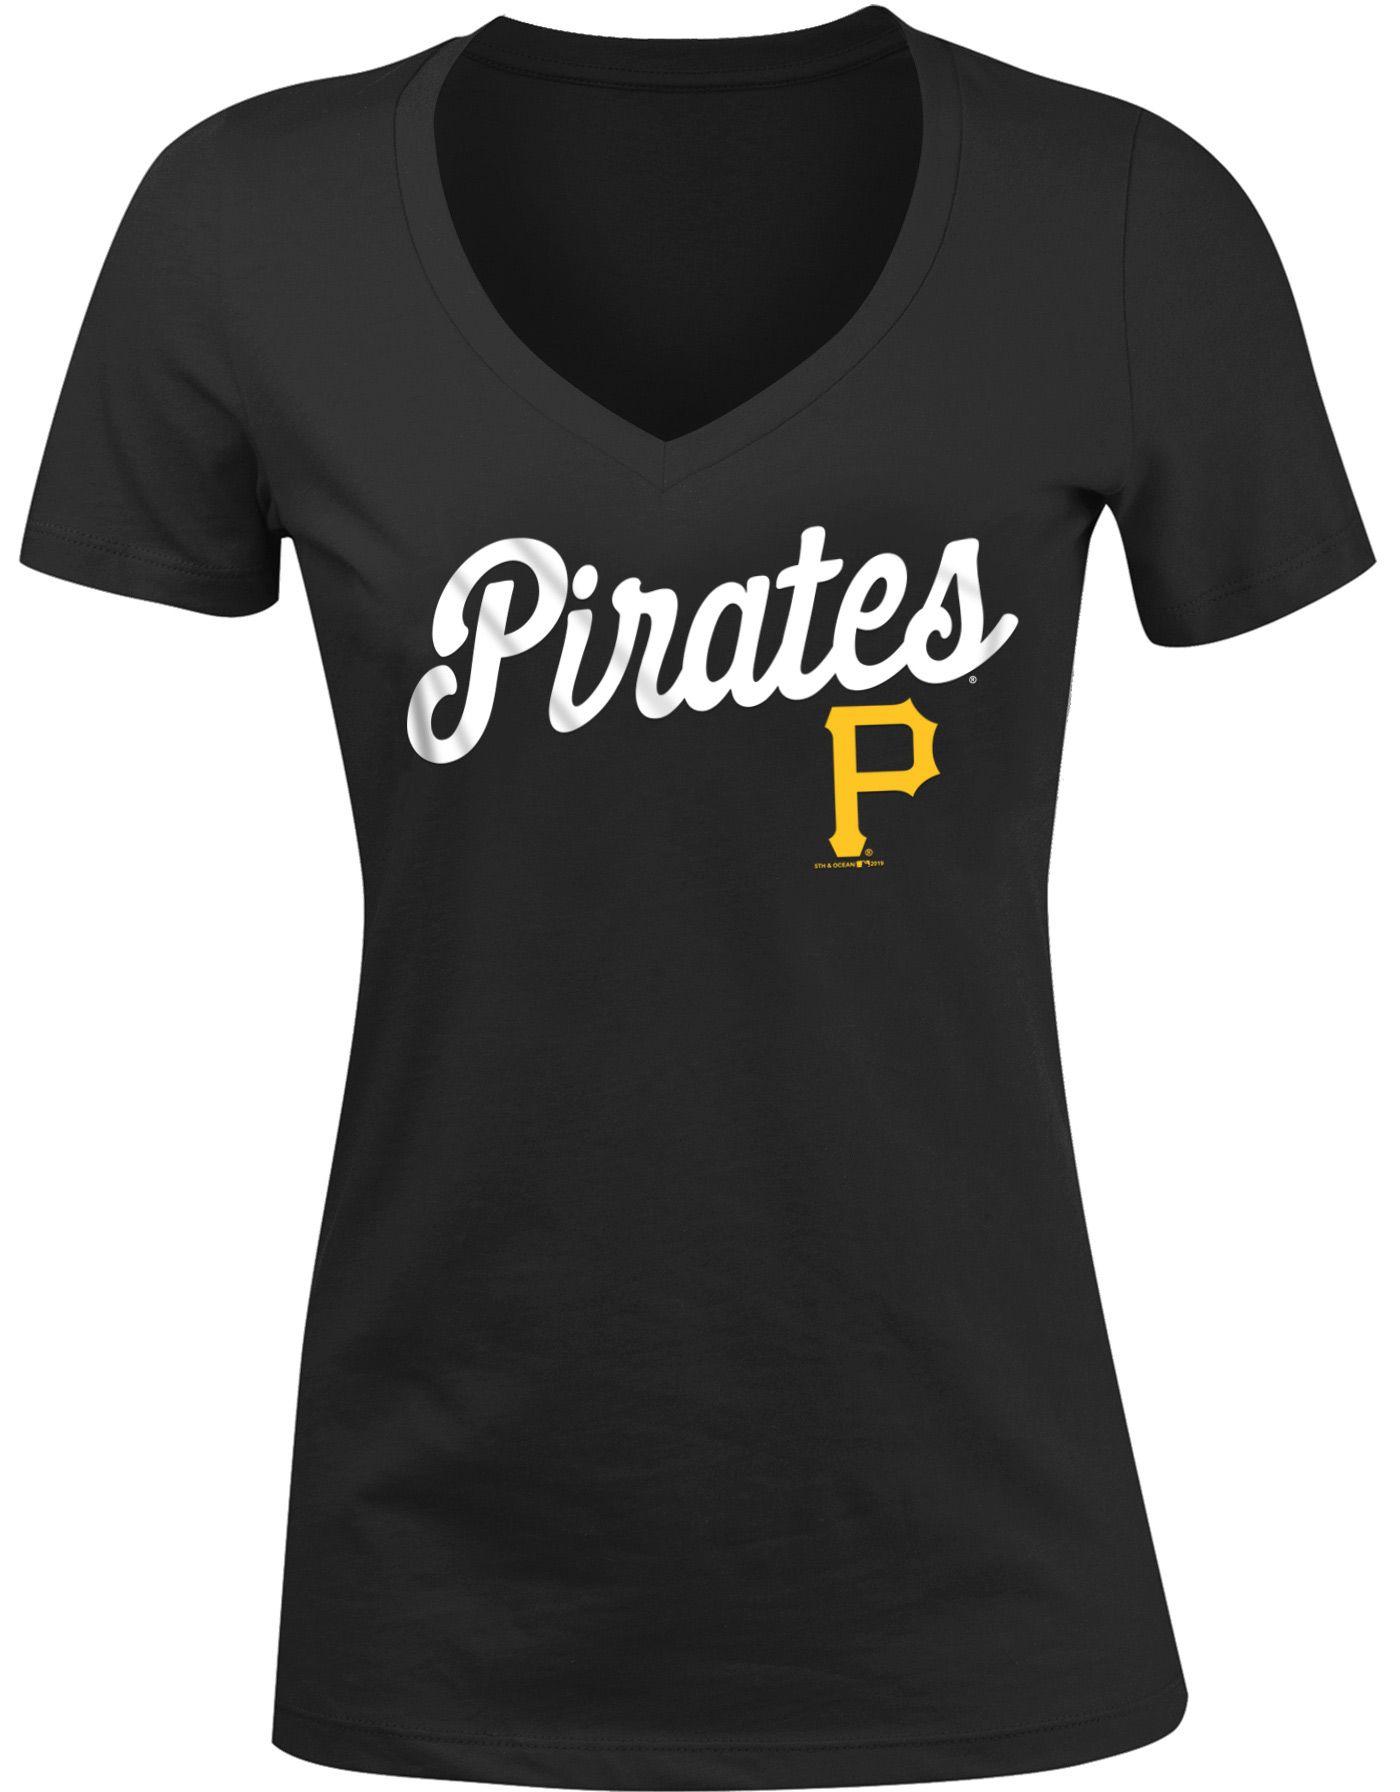 New Era Women's Pittsburgh Pirates Tri-Blend V-Neck T-Shirt